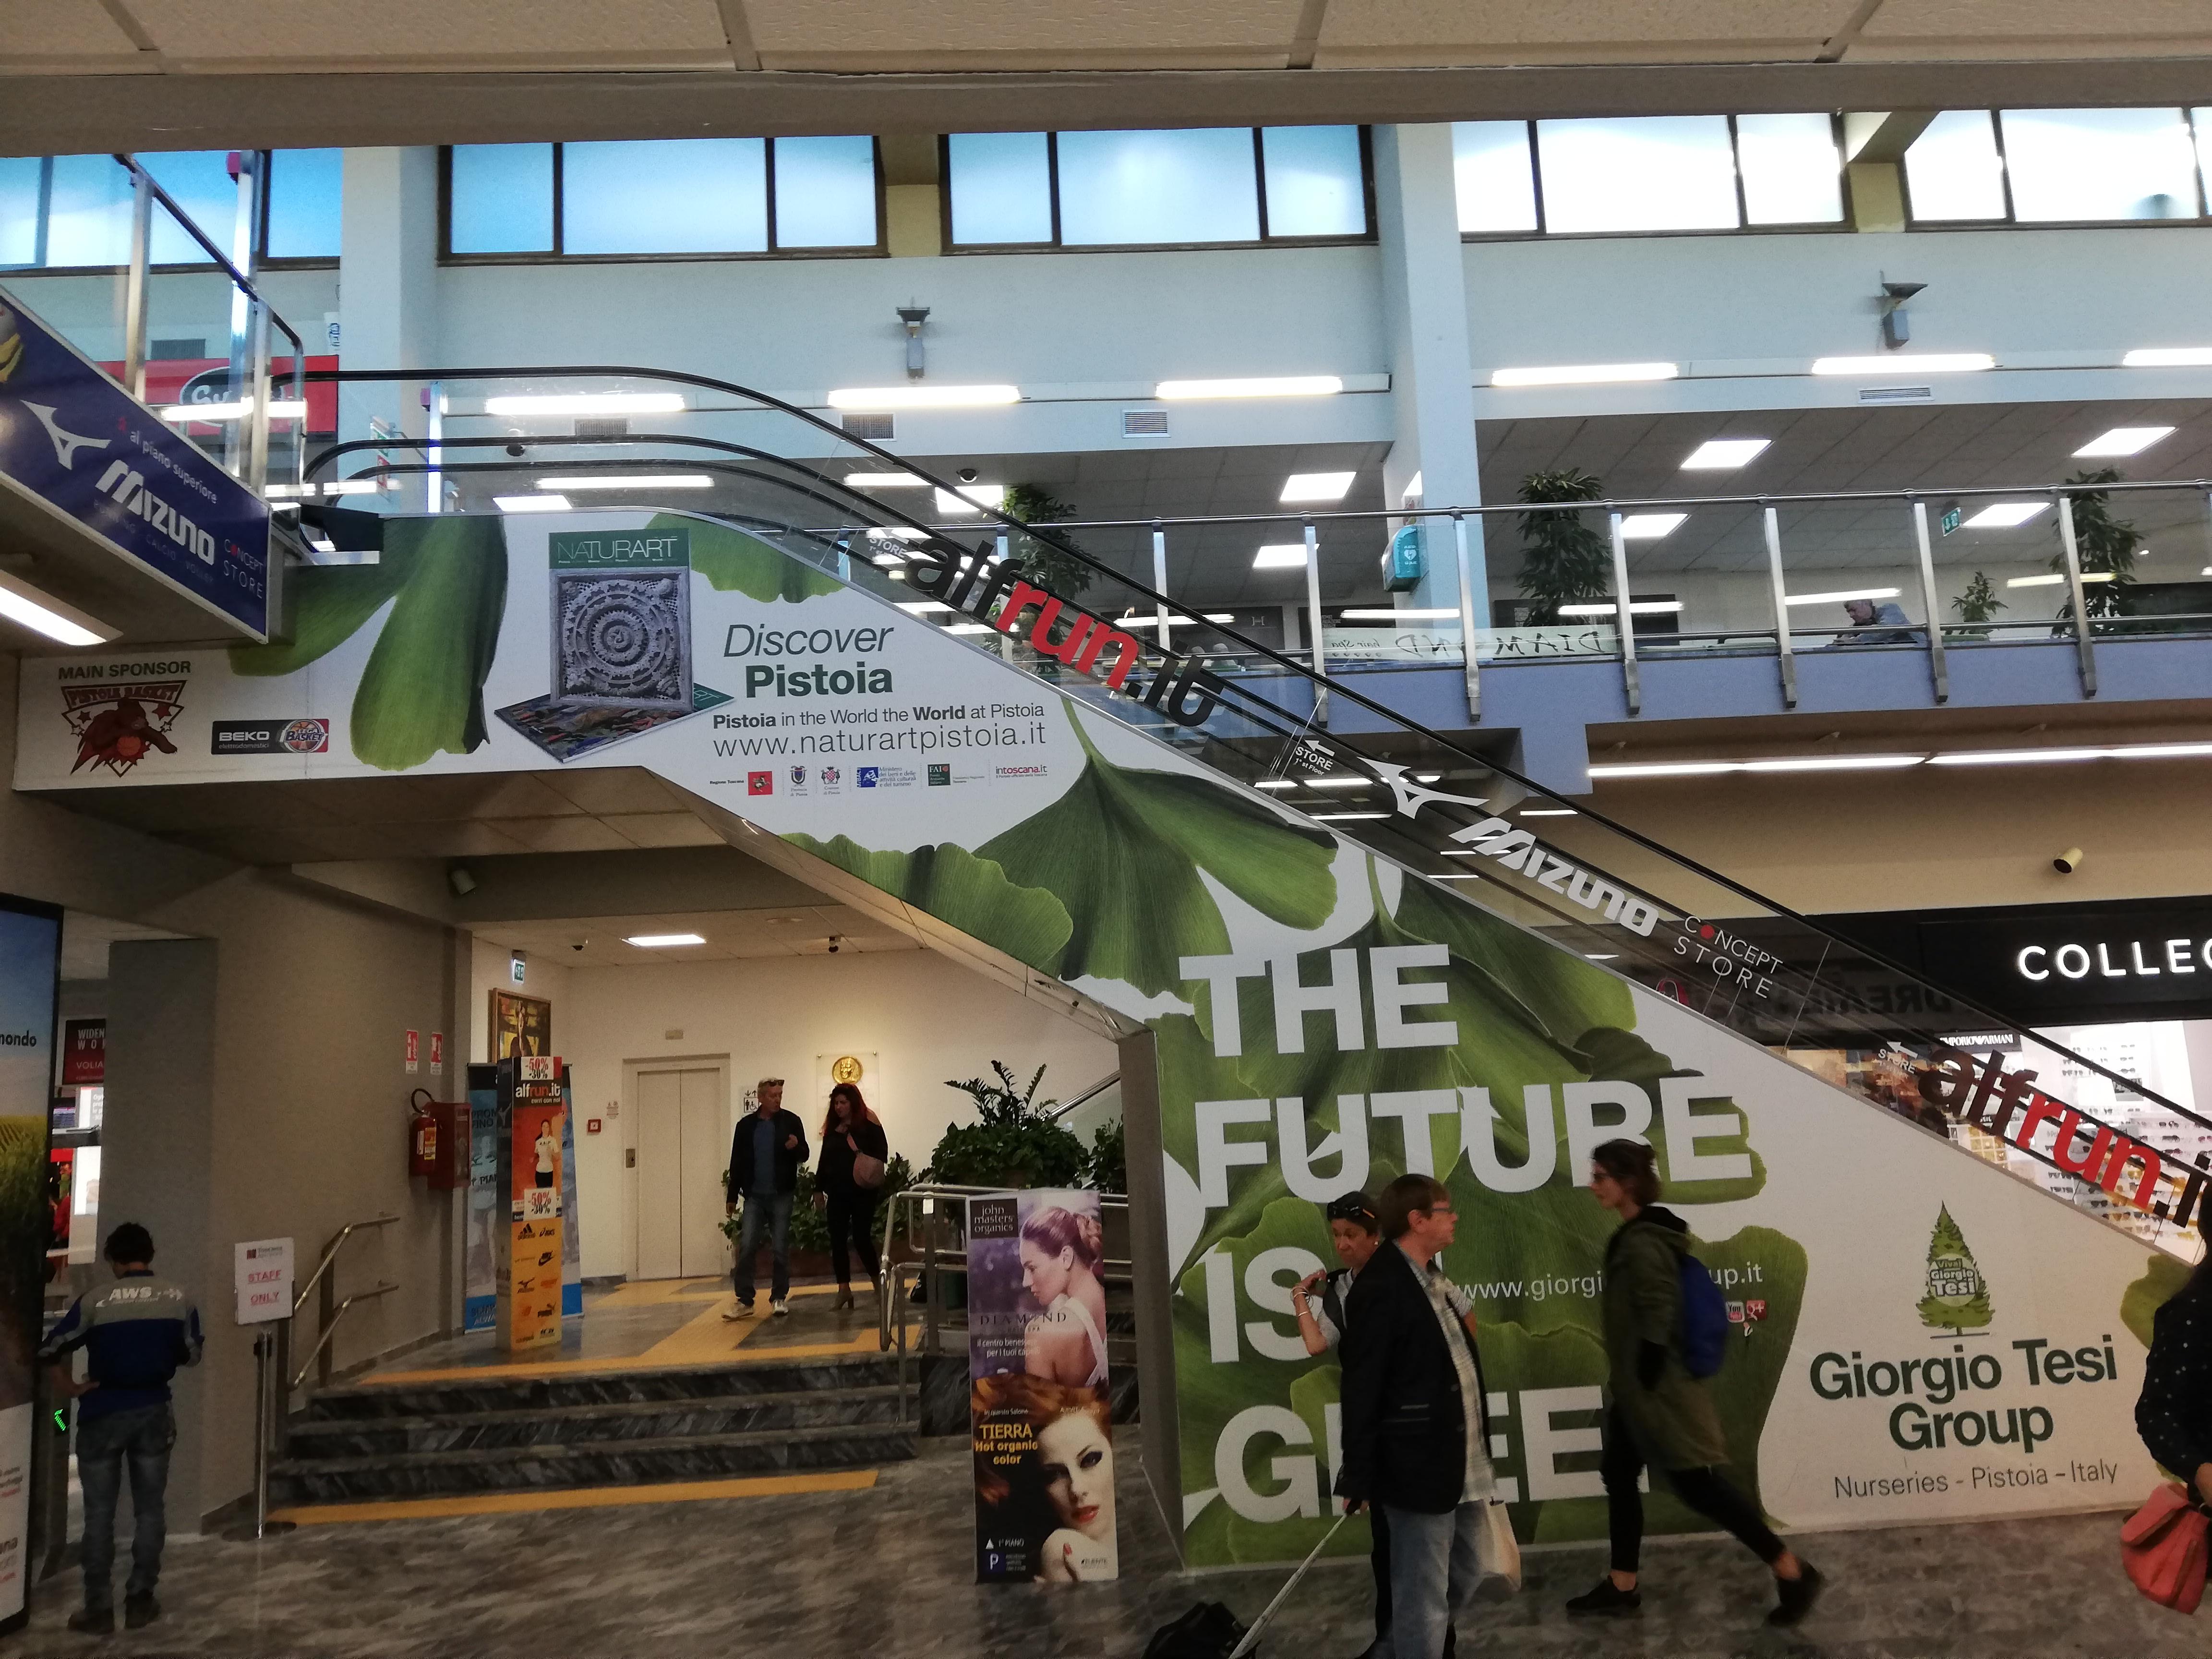 wrapping pisa livorno Lucca, interior design, pellicola decorativa pisa lucca livorno, aeroporto internazionale di Pisa Galileo Galilei, wrapping ascensore